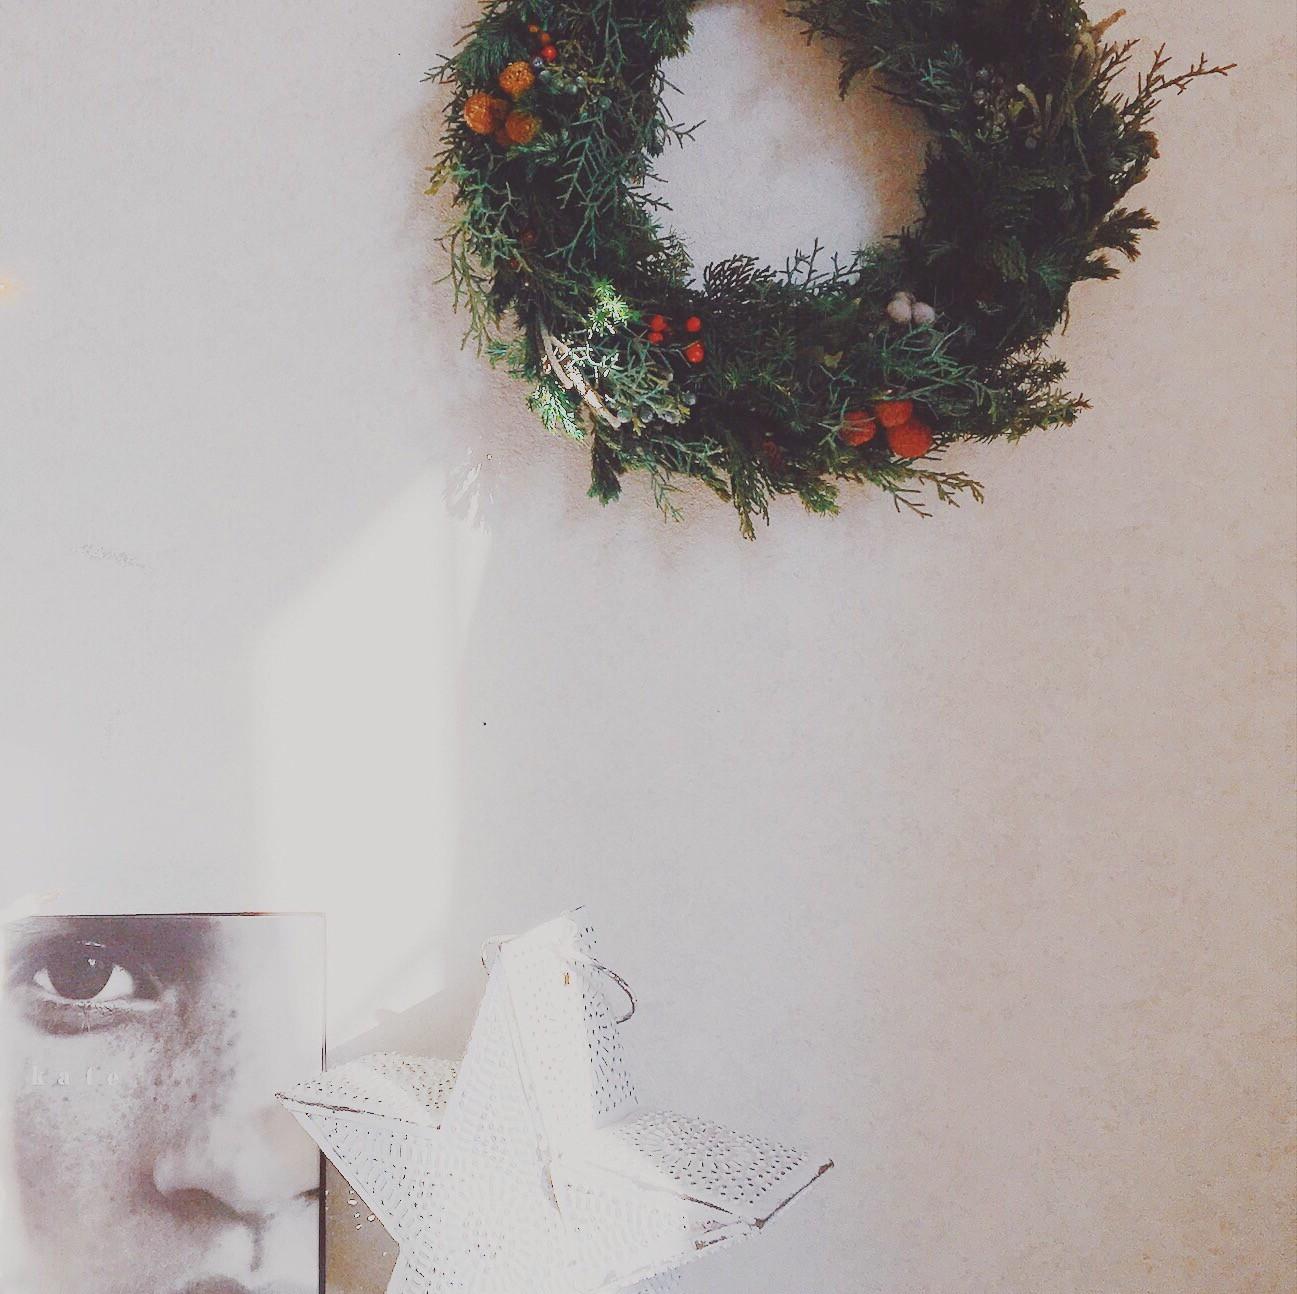 追記 ■クリスマスのリース作りワークショップのお知らせ